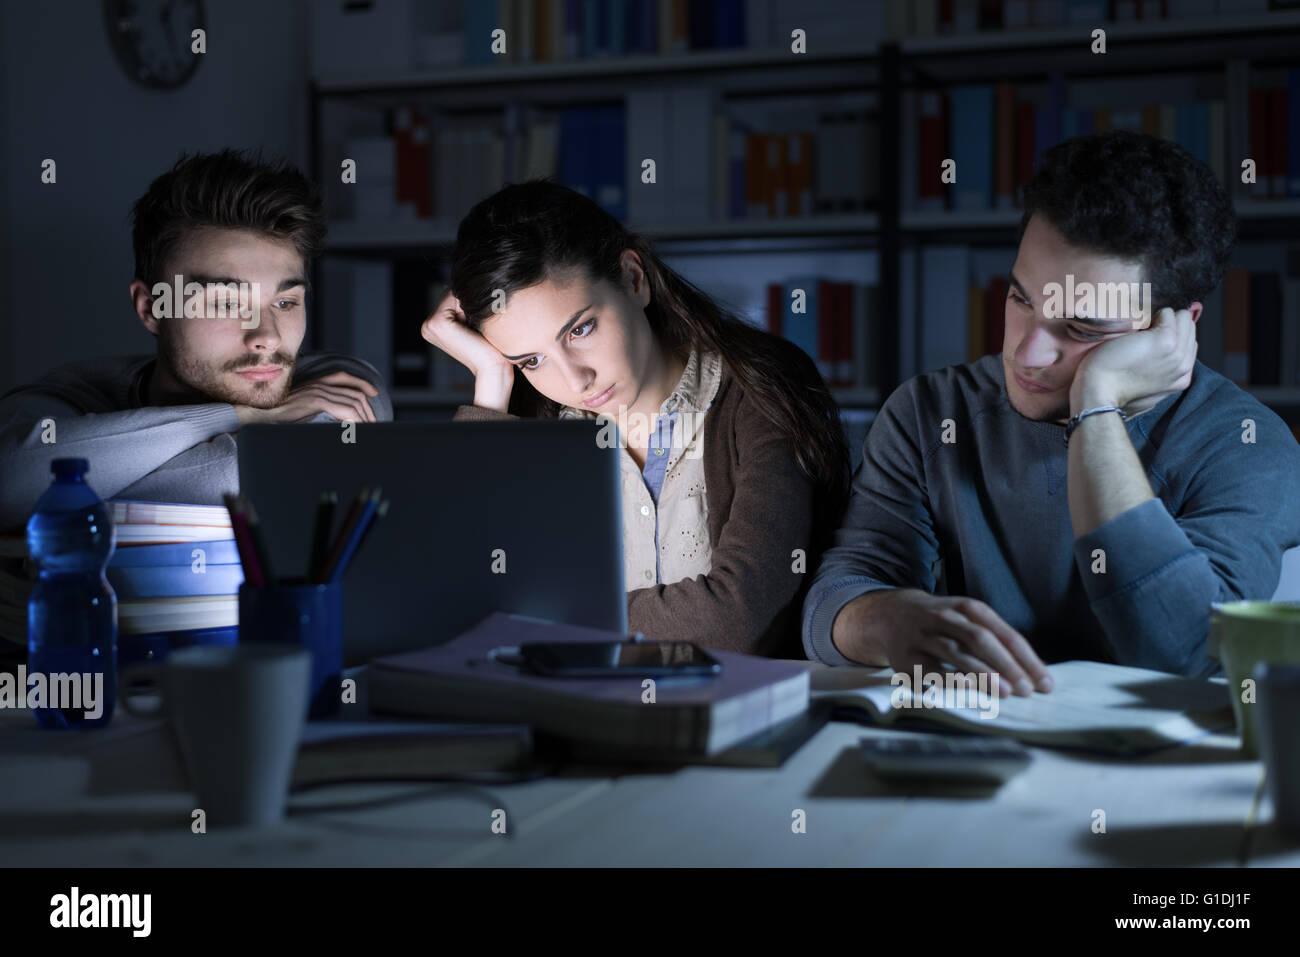 Müde Schüler spät in die Nacht, sie starrte auf den Laptopbildschirm und dem Einschlafen Stockbild